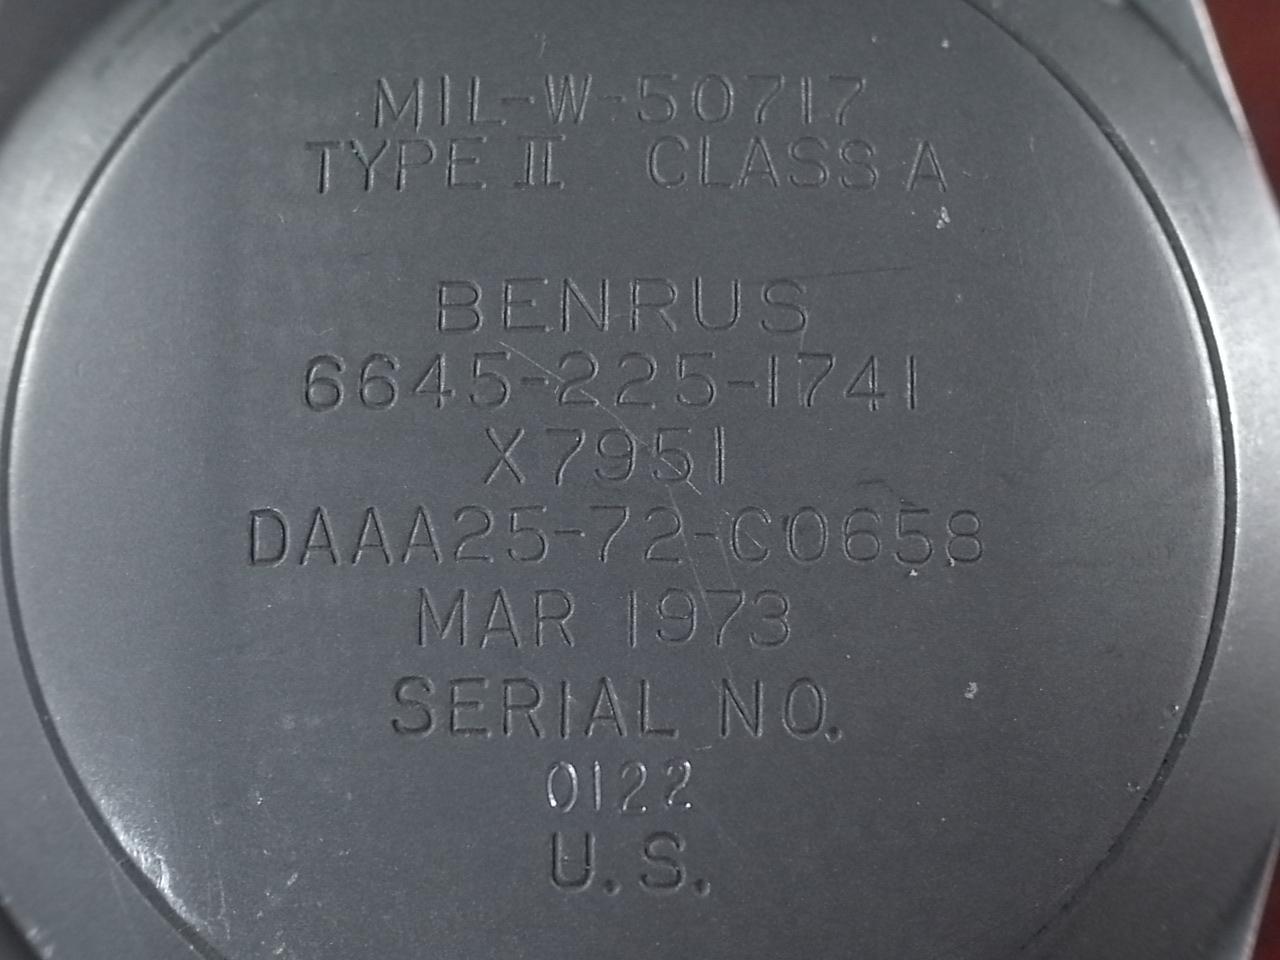 ベンラス ミリタリー 米海軍用 タイプⅡ クラスA 特殊部隊の写真4枚目